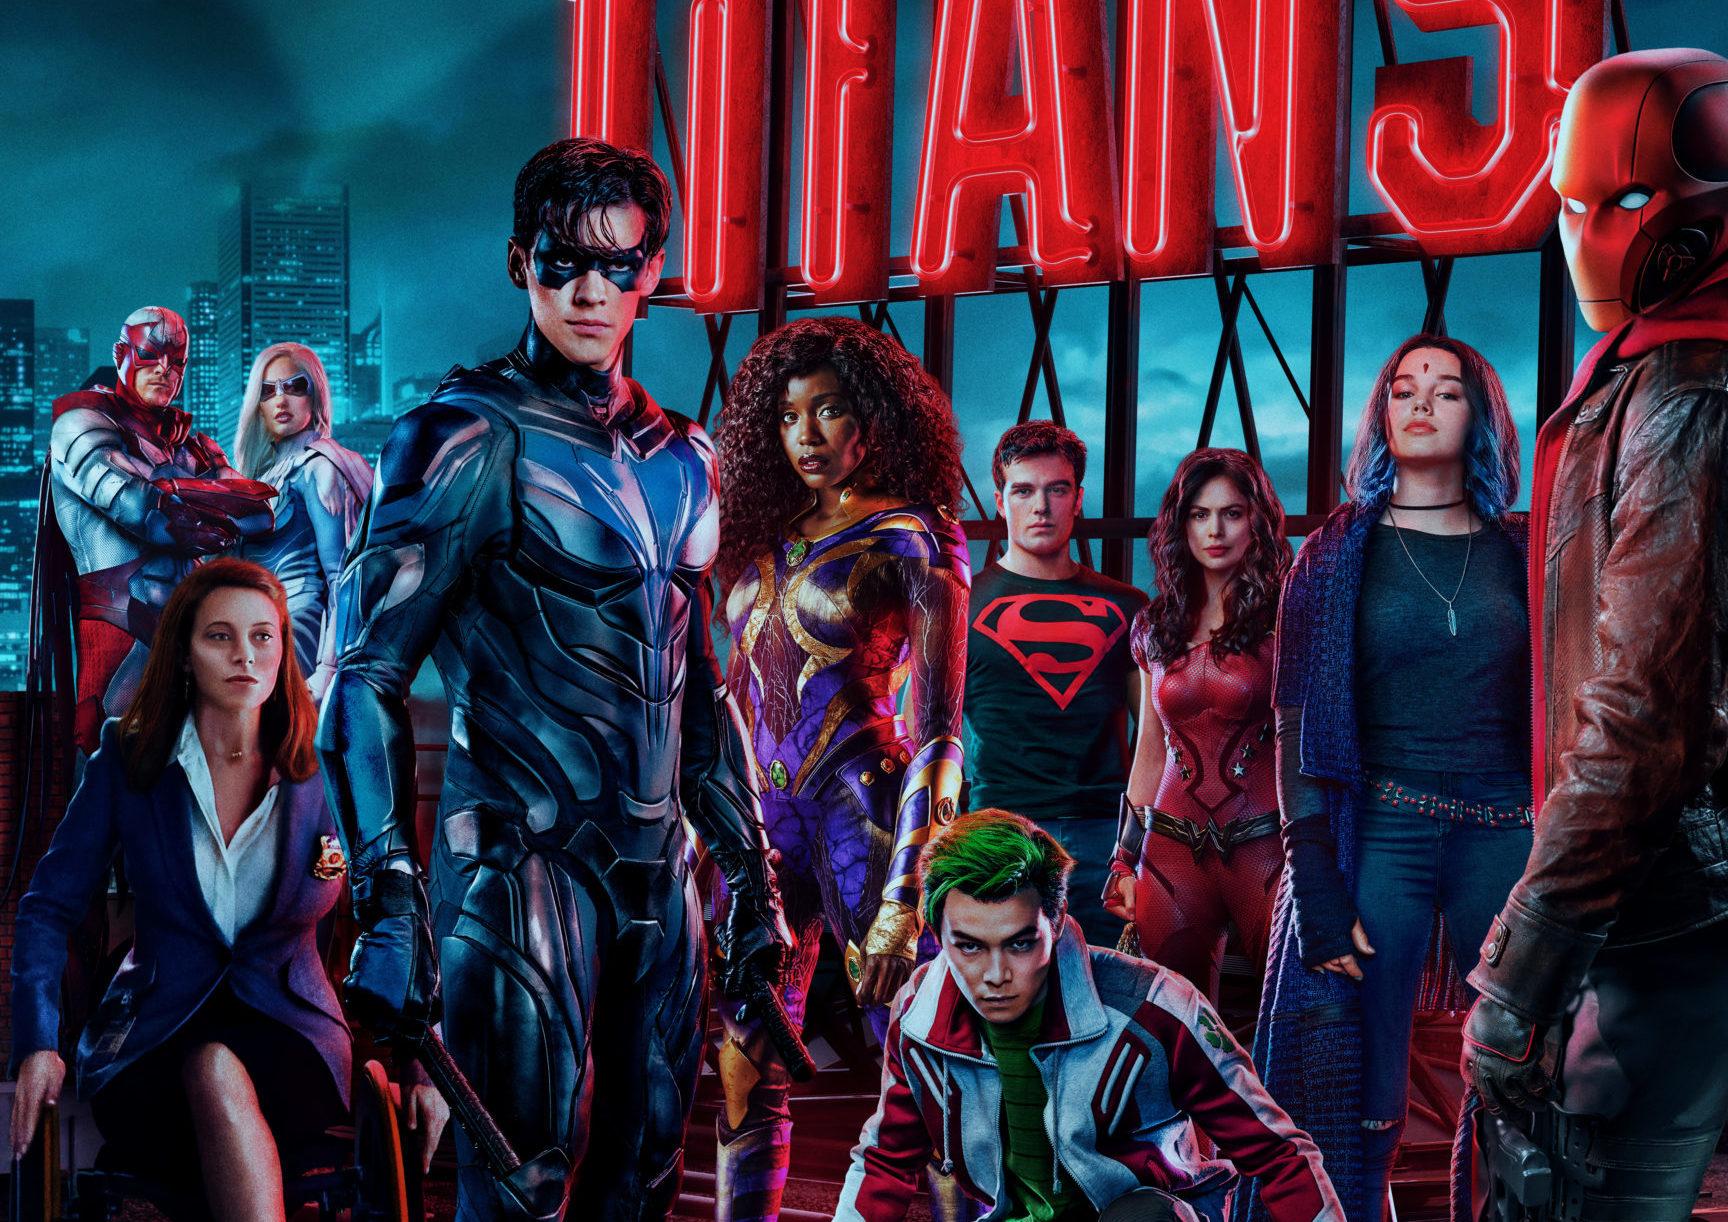 Titans : Saison 4 ?  La série télévisée HBO Max a-t-elle déjà été annulée ou renouvelée ?